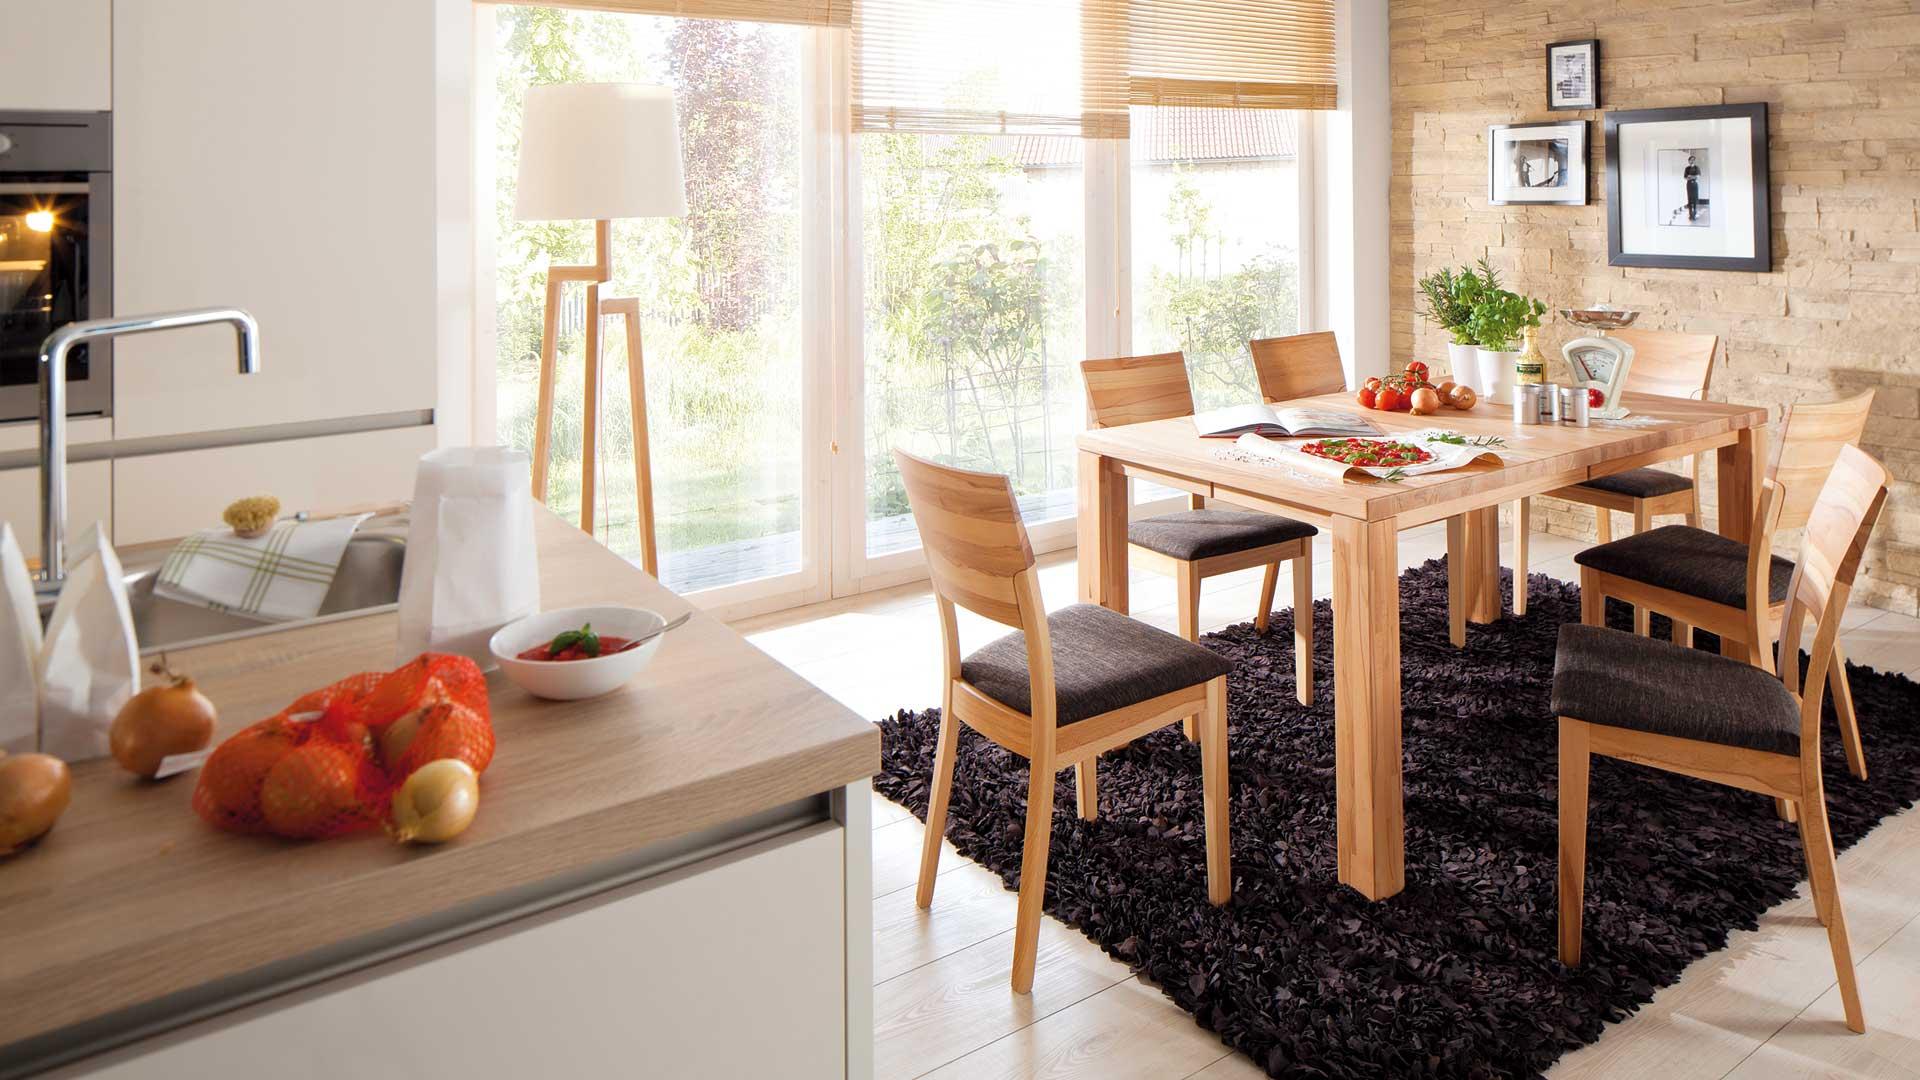 tisch mit sthlen gallery of bar mit sthlen fotos das wirklich spannende stilvolle bar mit. Black Bedroom Furniture Sets. Home Design Ideas